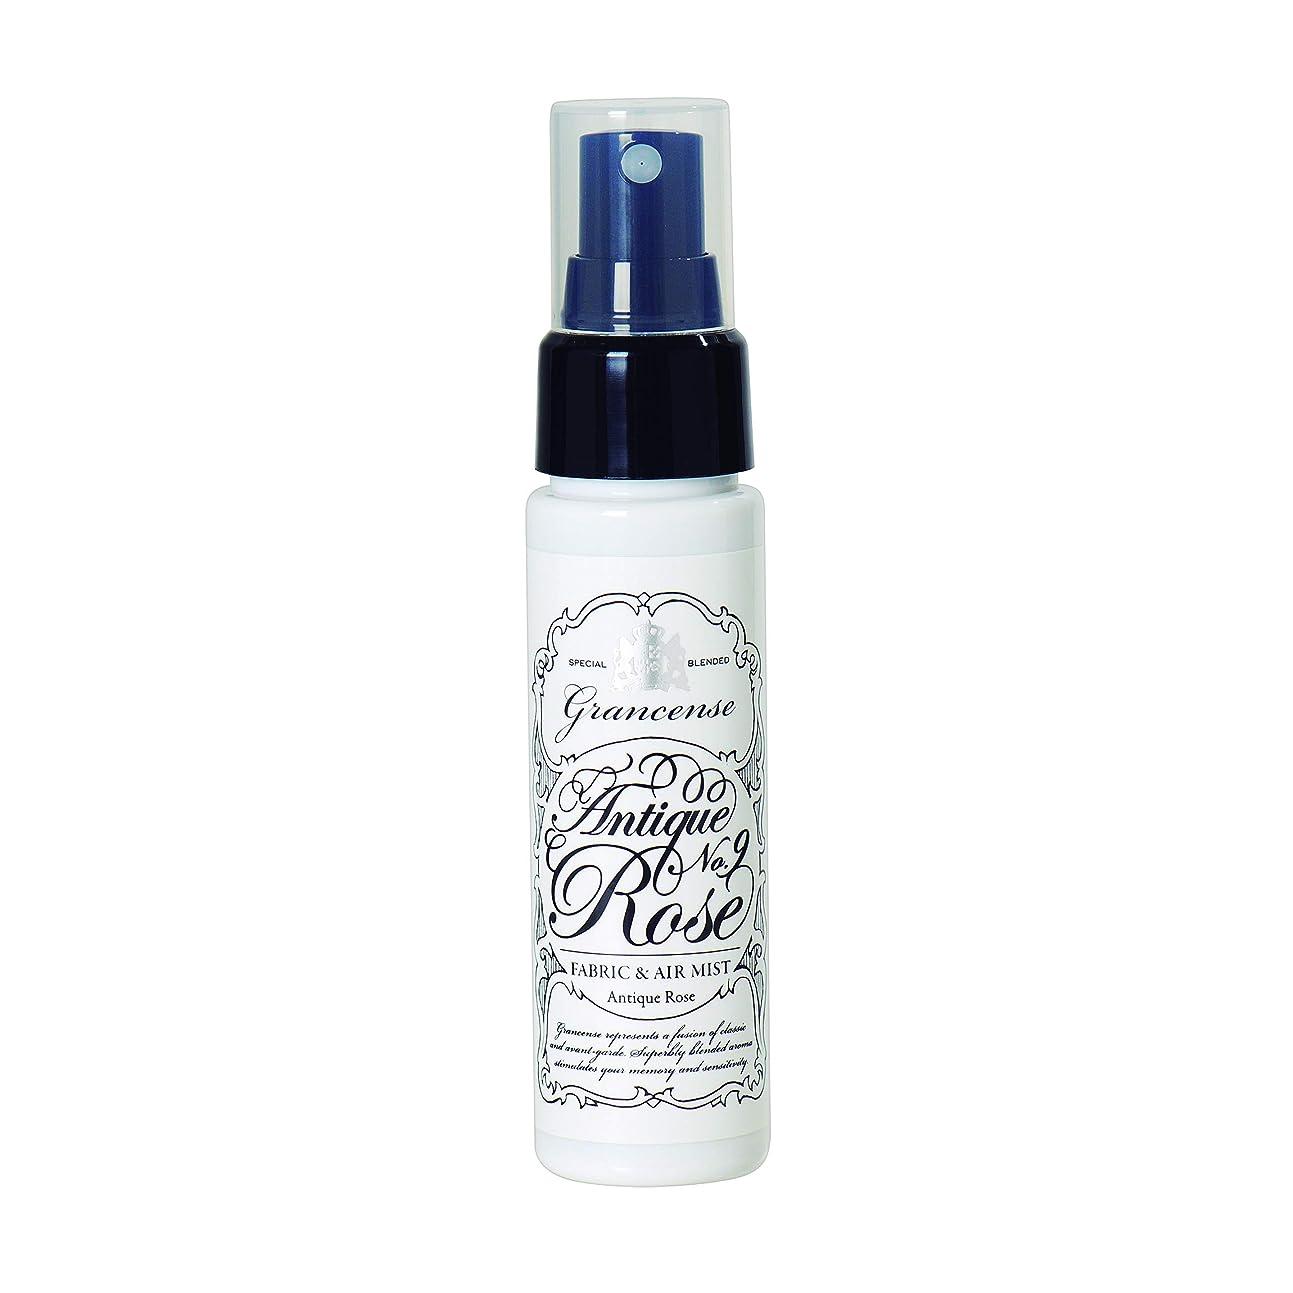 プレゼンター採用する積極的にグランセンス ファブリック&エアミスト アンティークローズ50ml (消臭?除菌スプレー 室内芳香 日本製 アロマ カシスの青さとローズをミックスした印象深い香り)